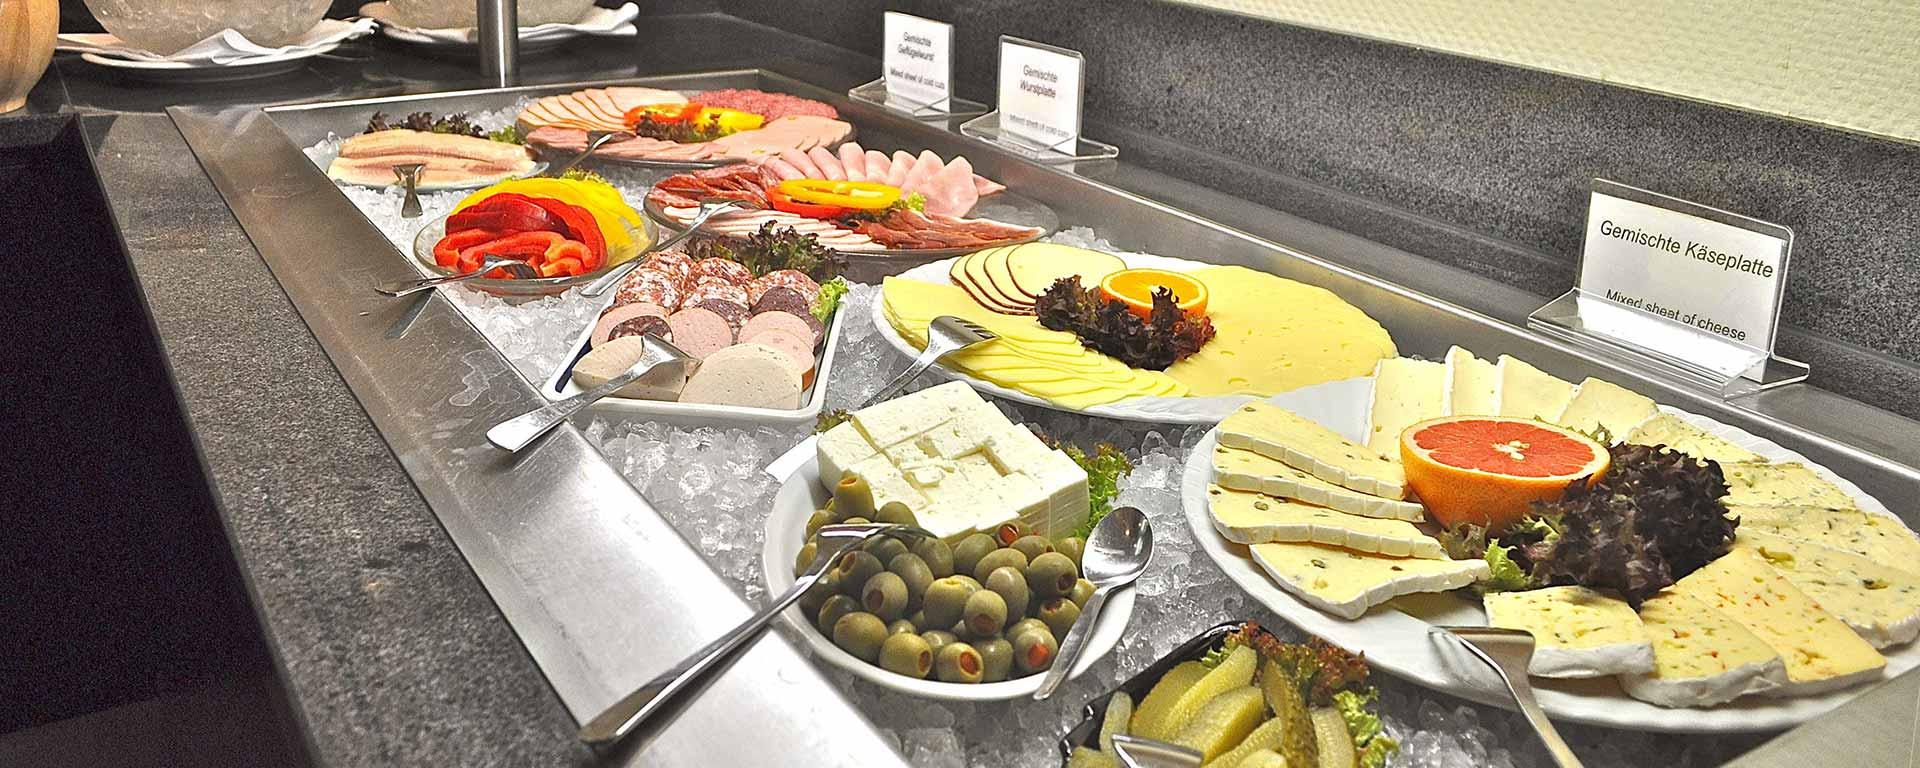 Frühstücks-Buffet im Restaurant & Bar PIANO im SAVOY Hotel Frankfurt: Zimmer mit Frühstück,  B&B, Bed and Breakfast